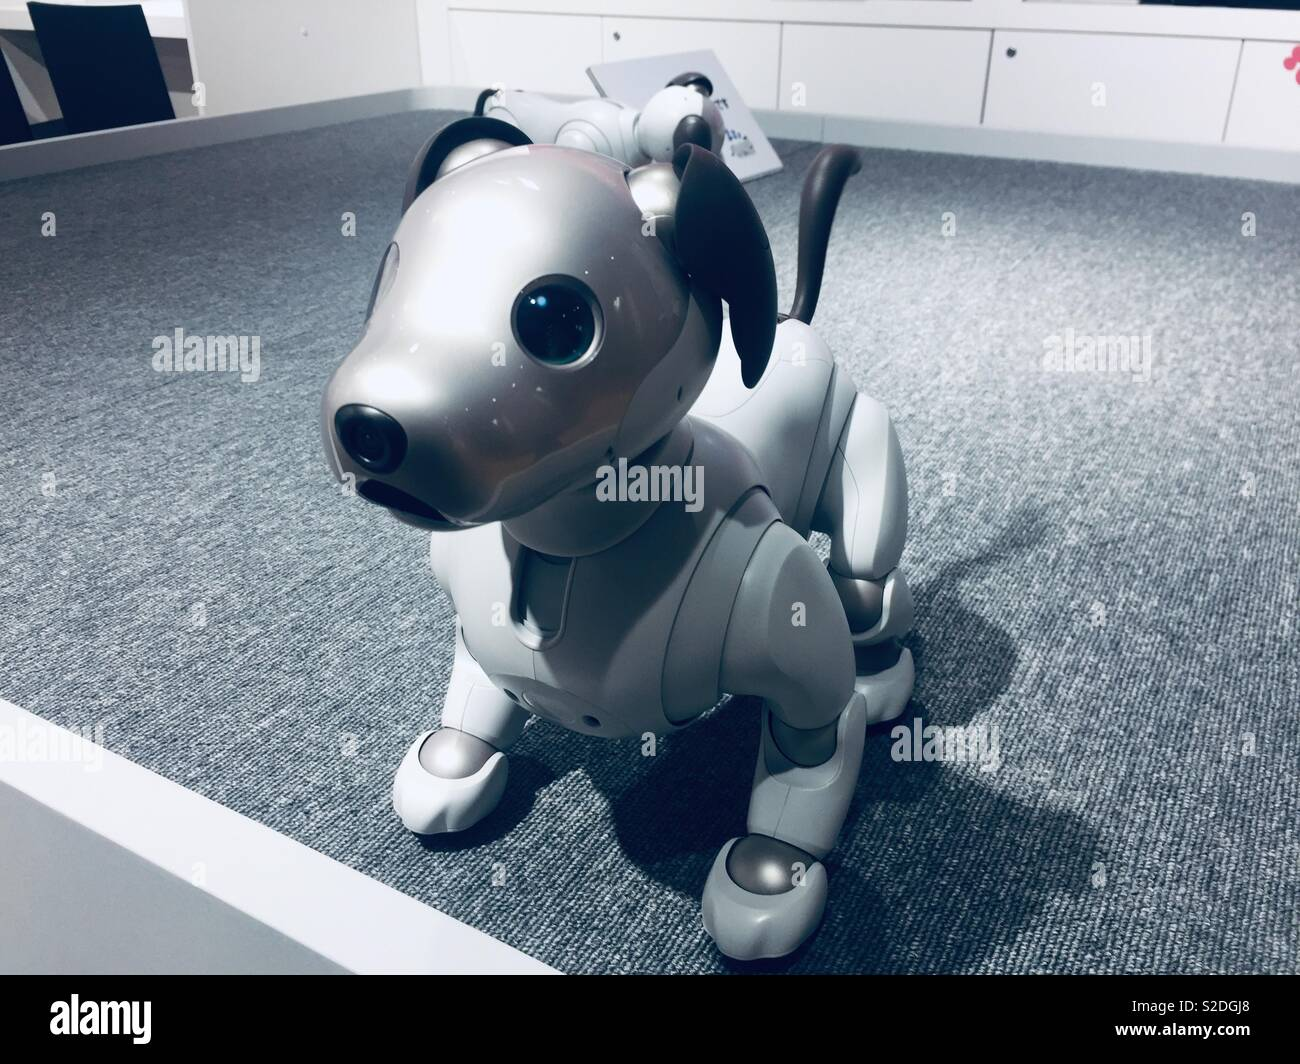 Robot Dog Stock Photos & Robot Dog Stock Images - Alamy